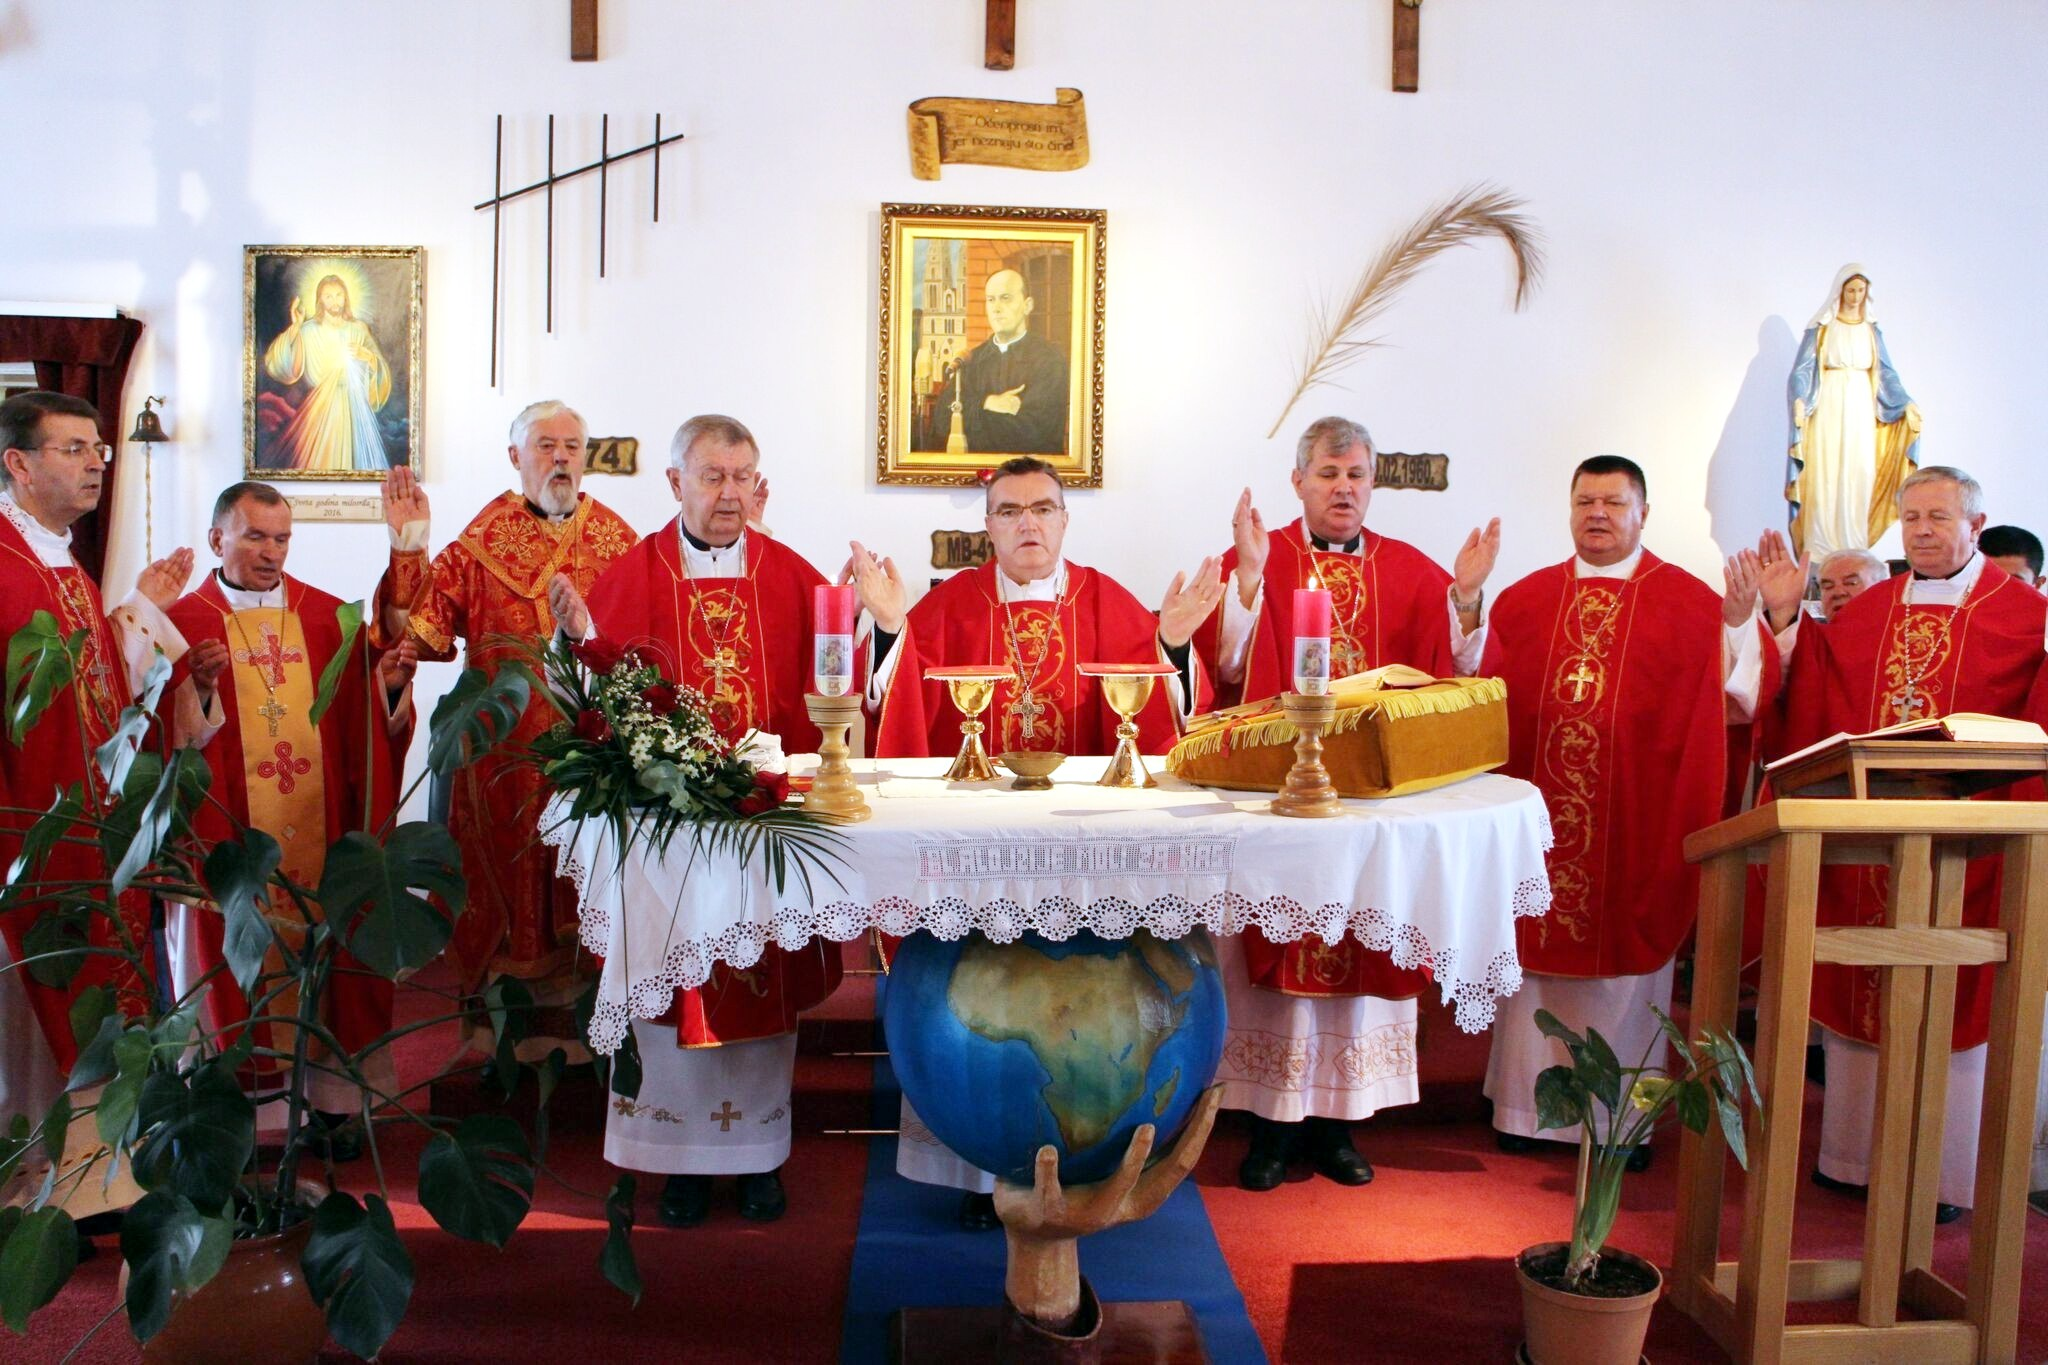 Biskupi Zagrebačke metropolije spomenuli se  Stepinčeva dolaska u zatvor prije 70 godina